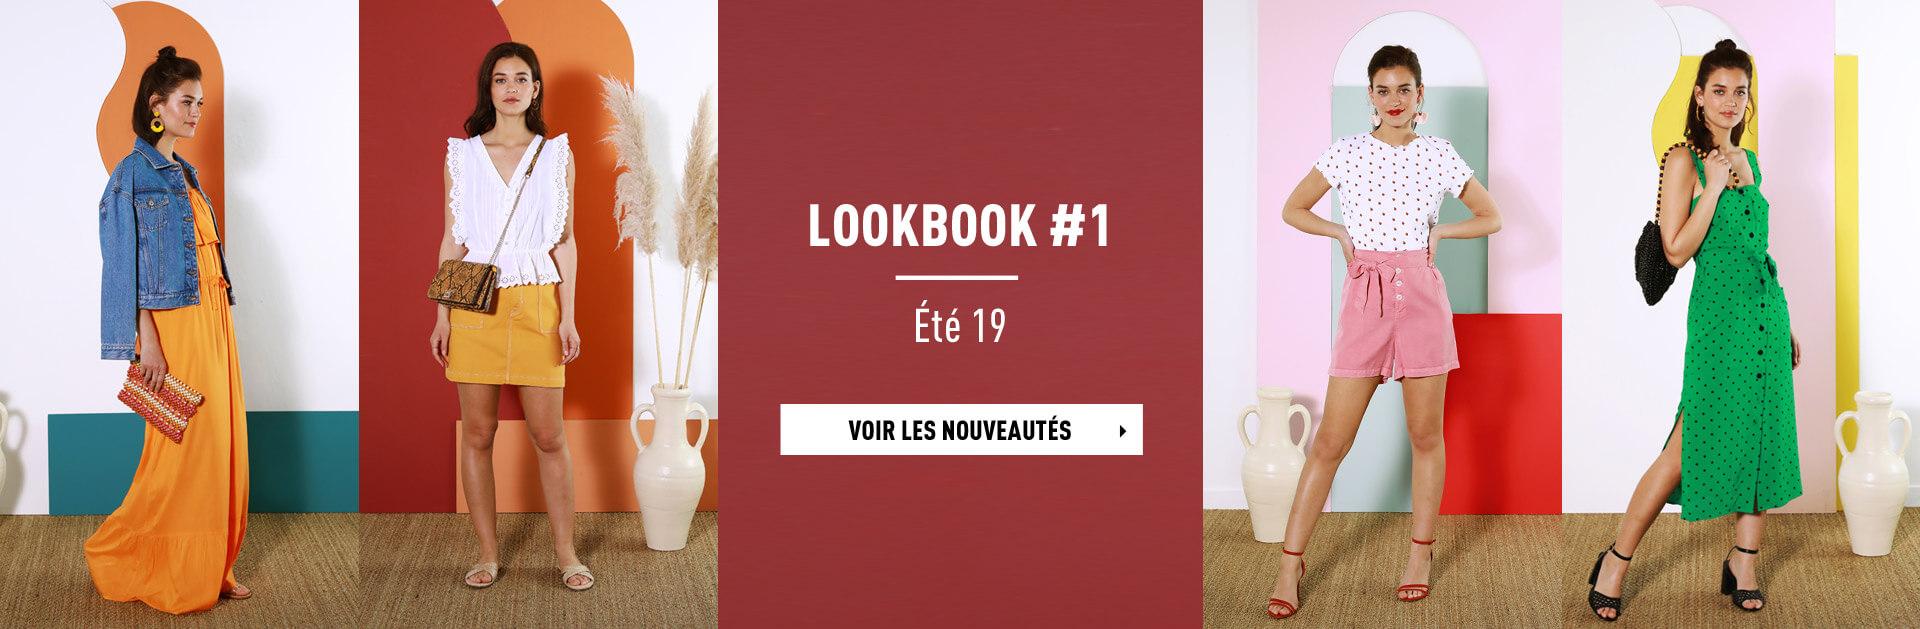 Lookbook #1 Été 19